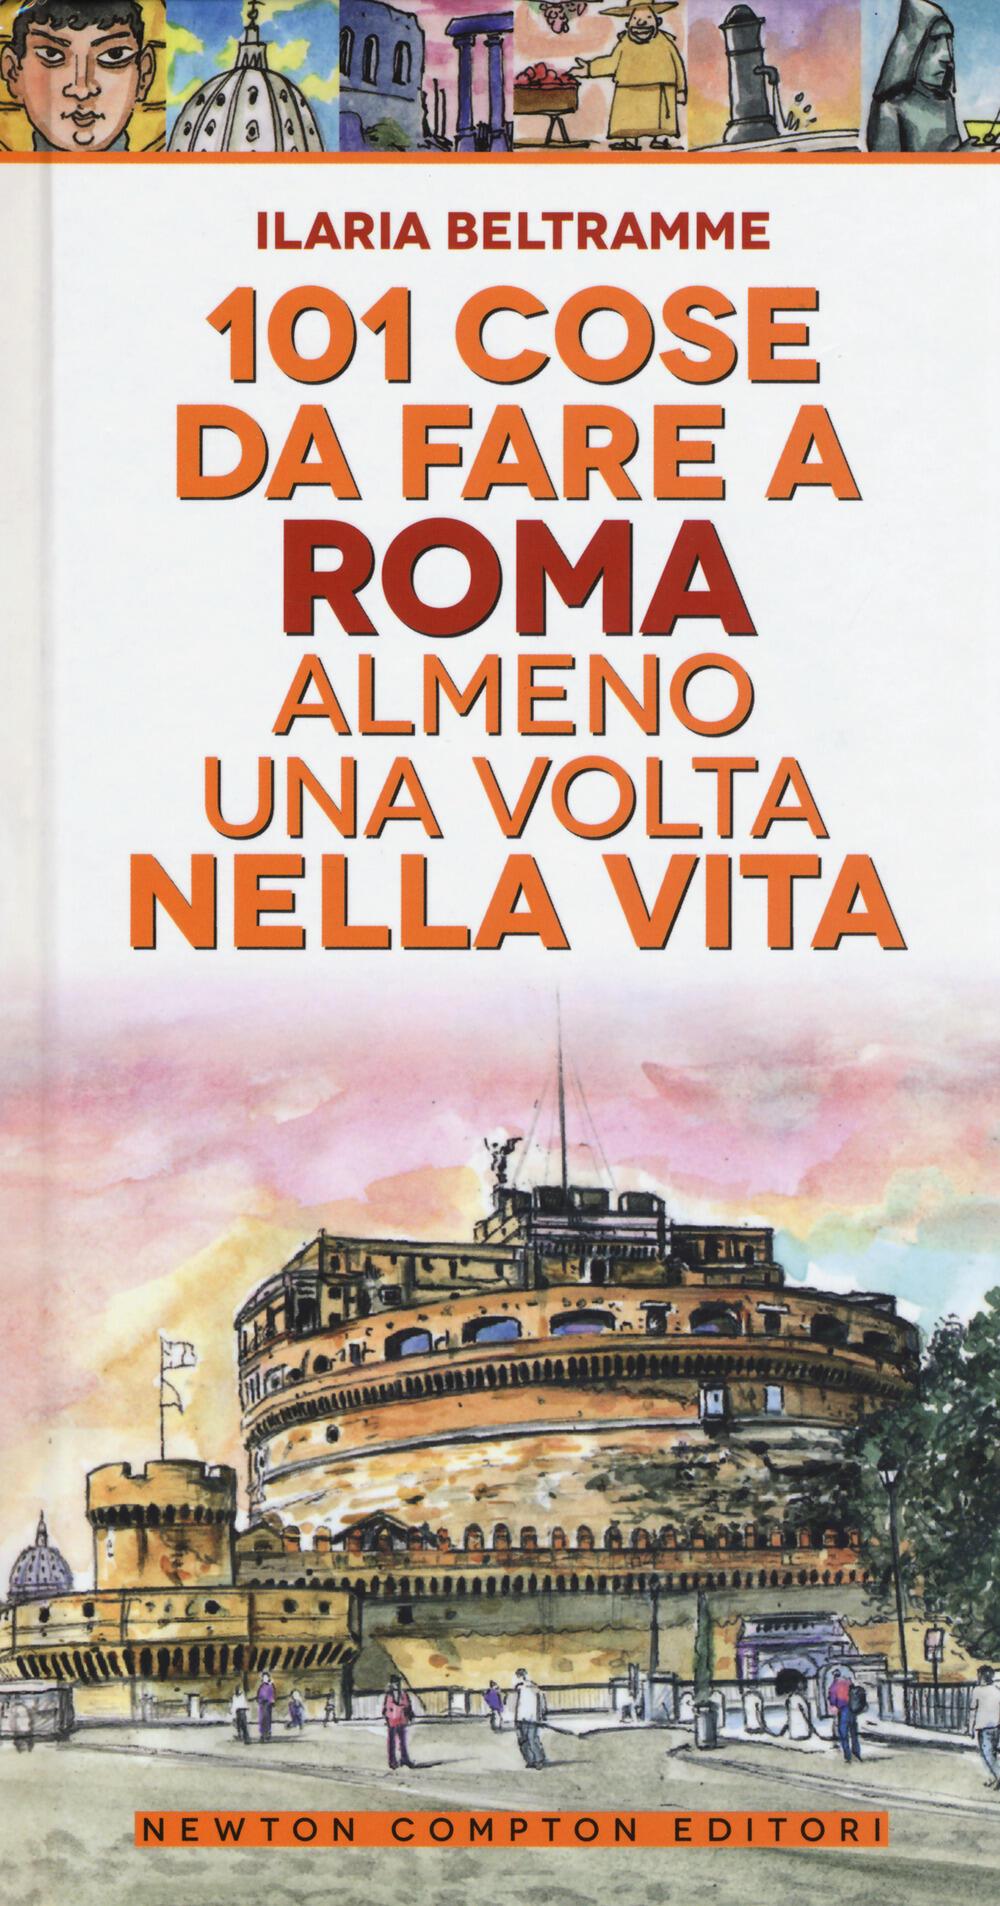 101 cose da fare a Roma almeno una volta nella vita - Ilaria Beltramme -  Libro - Newton Compton - Fuori collana | IBS